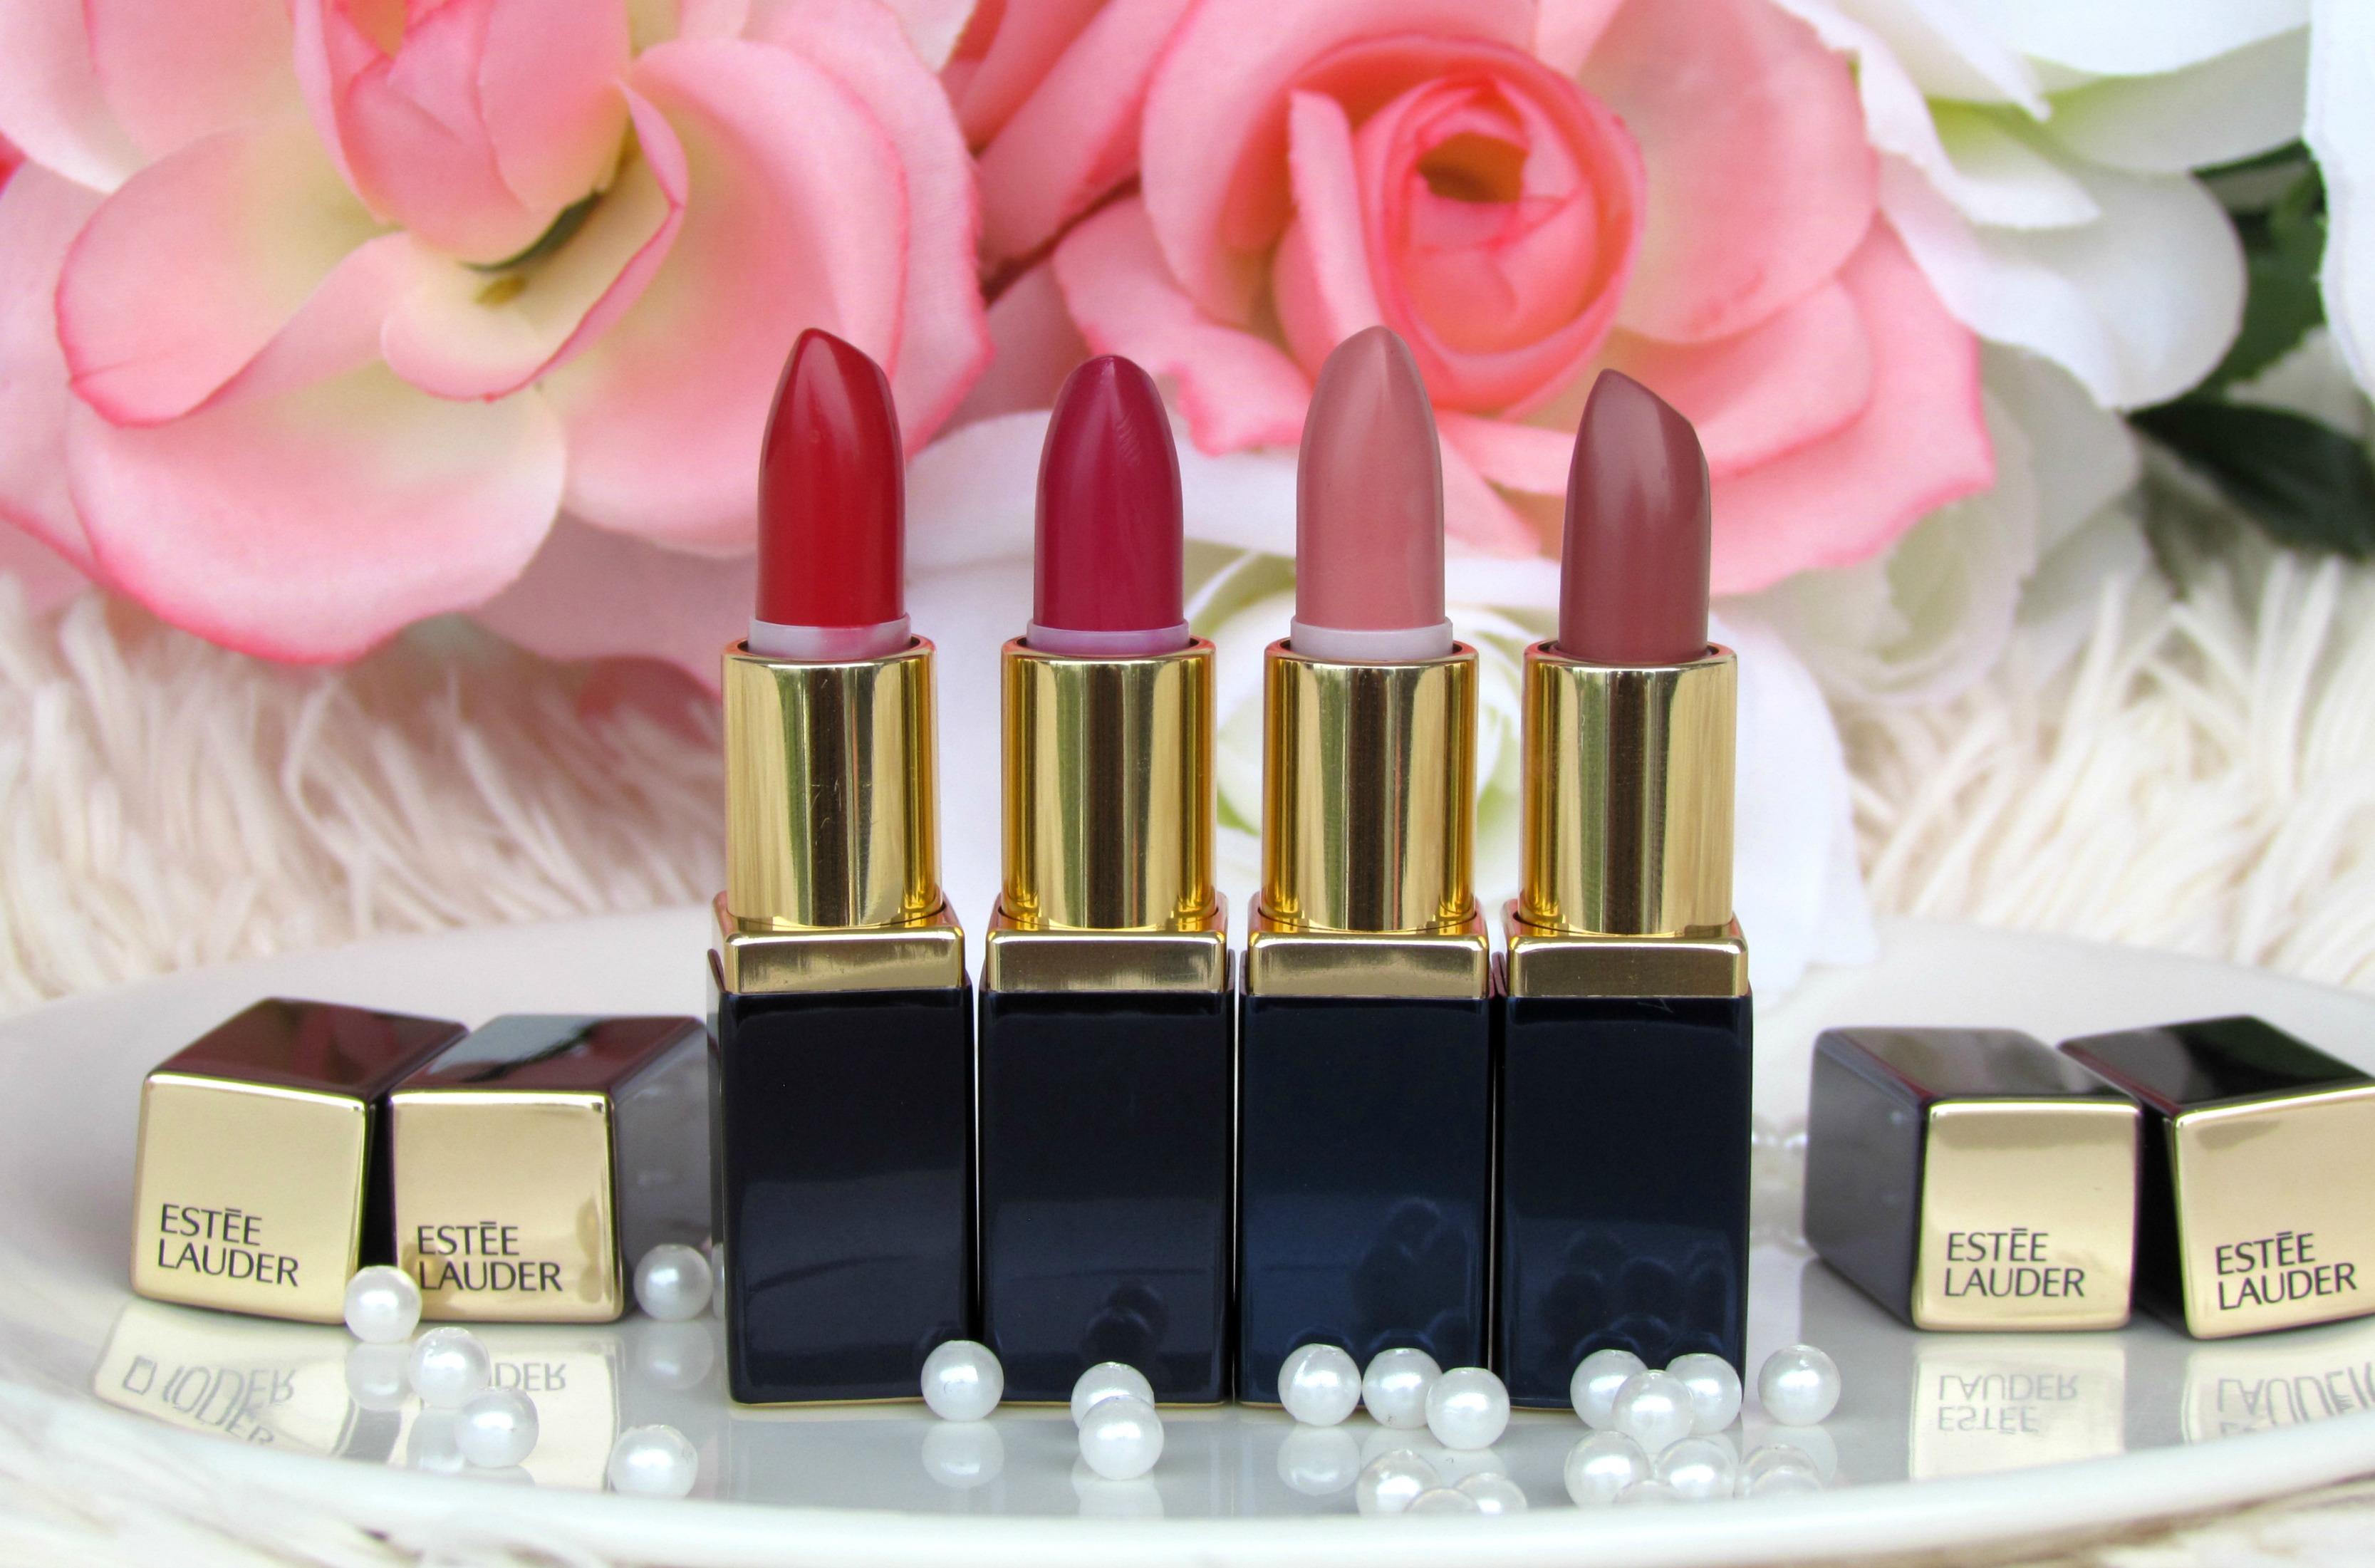 Estee Lauder Be Envied 4-piece Pure Color Envy Sculpting Lipstick Collection